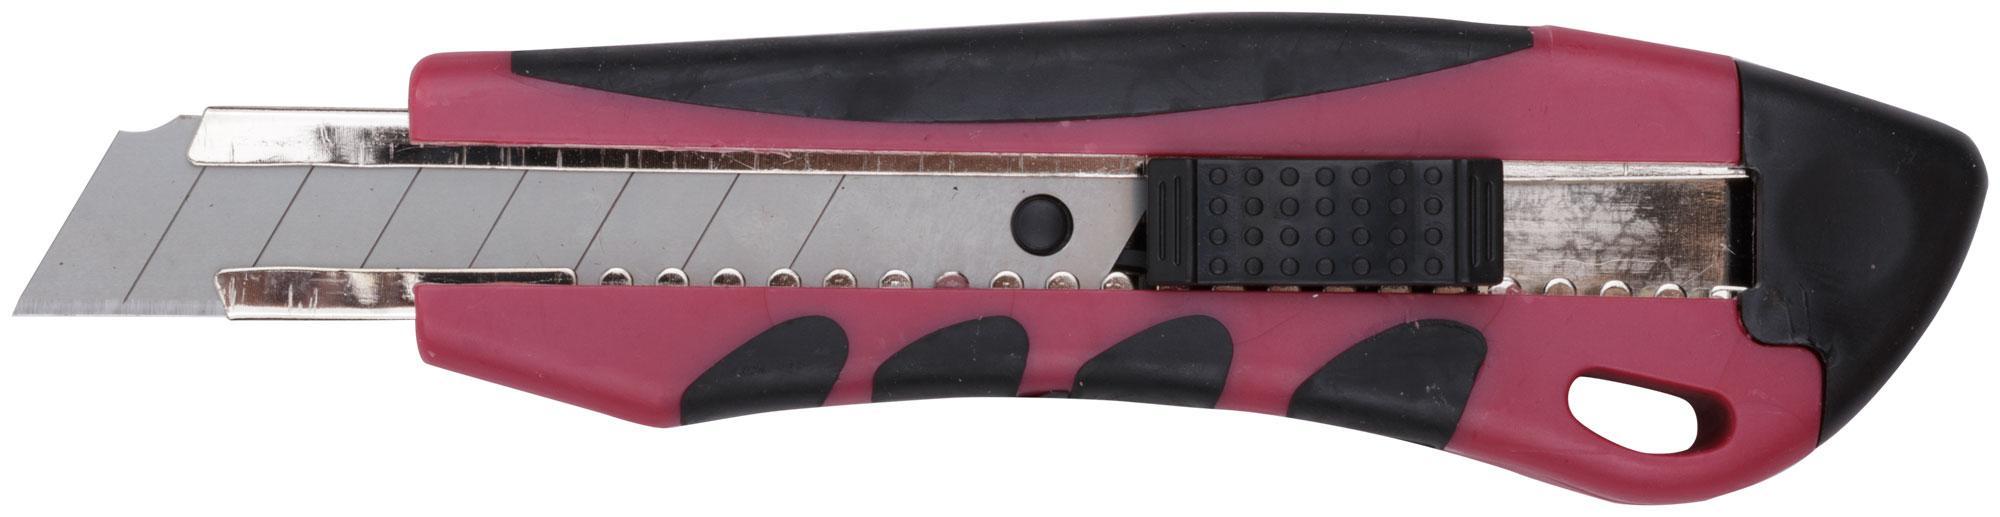 Нож КУРС 10176